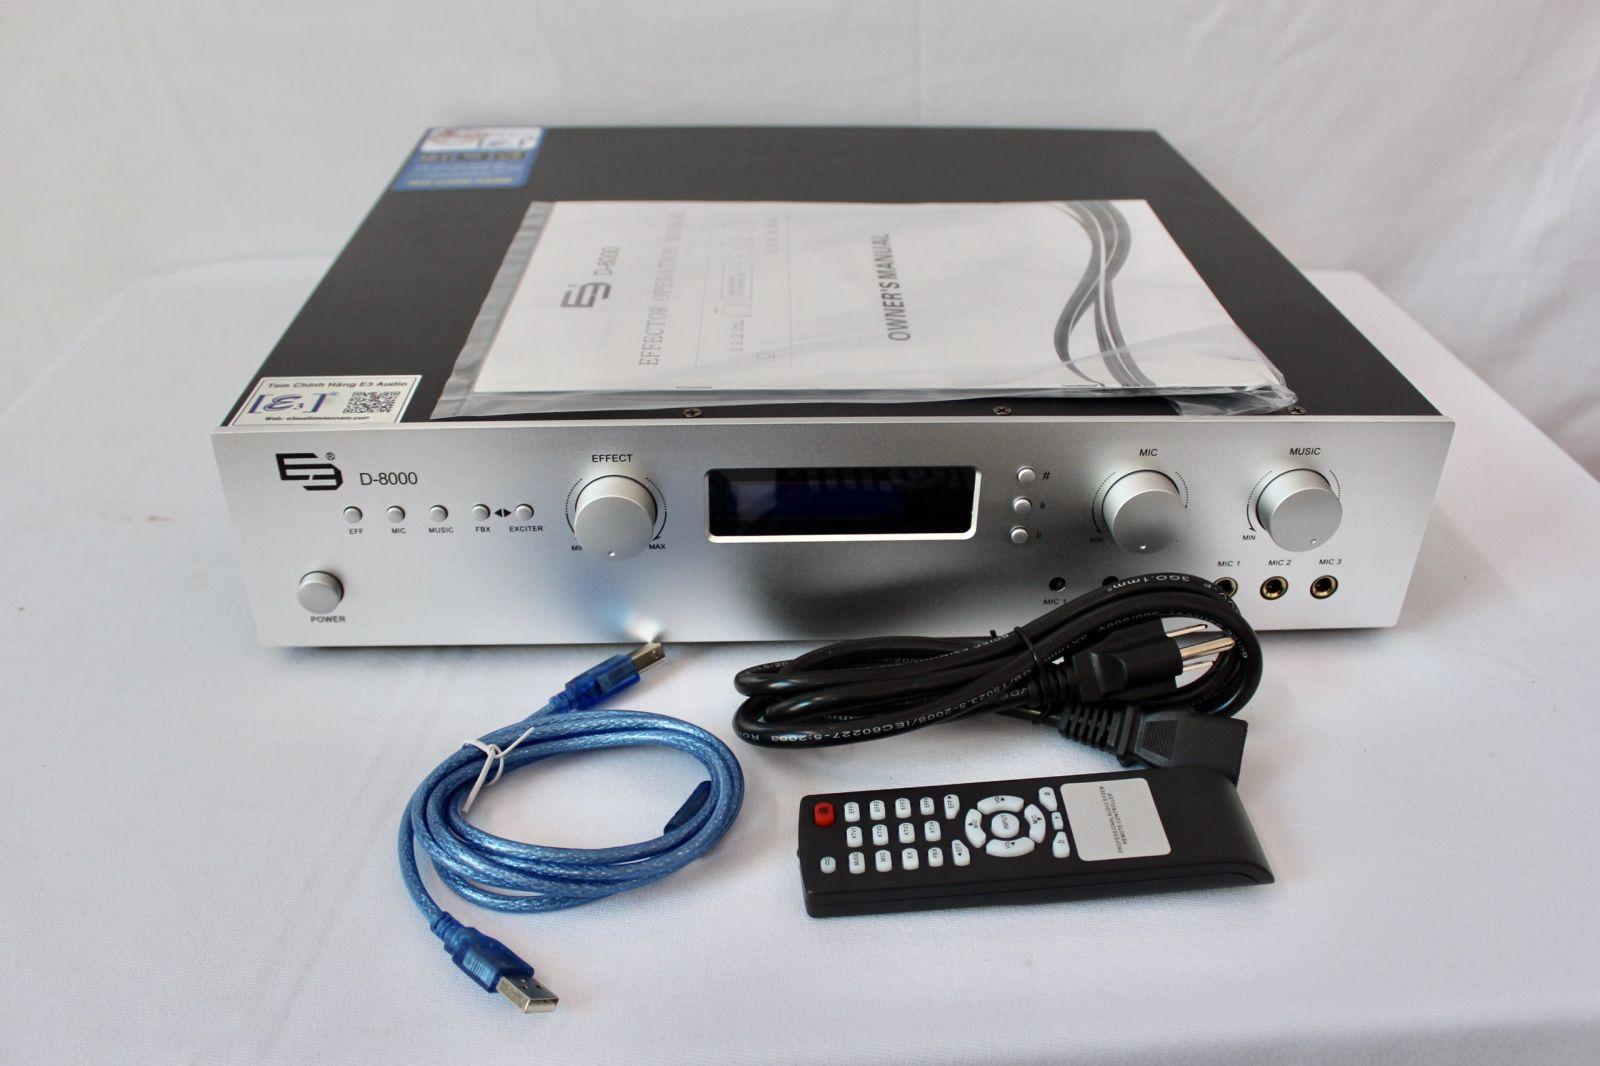 Amply-E3-D8000